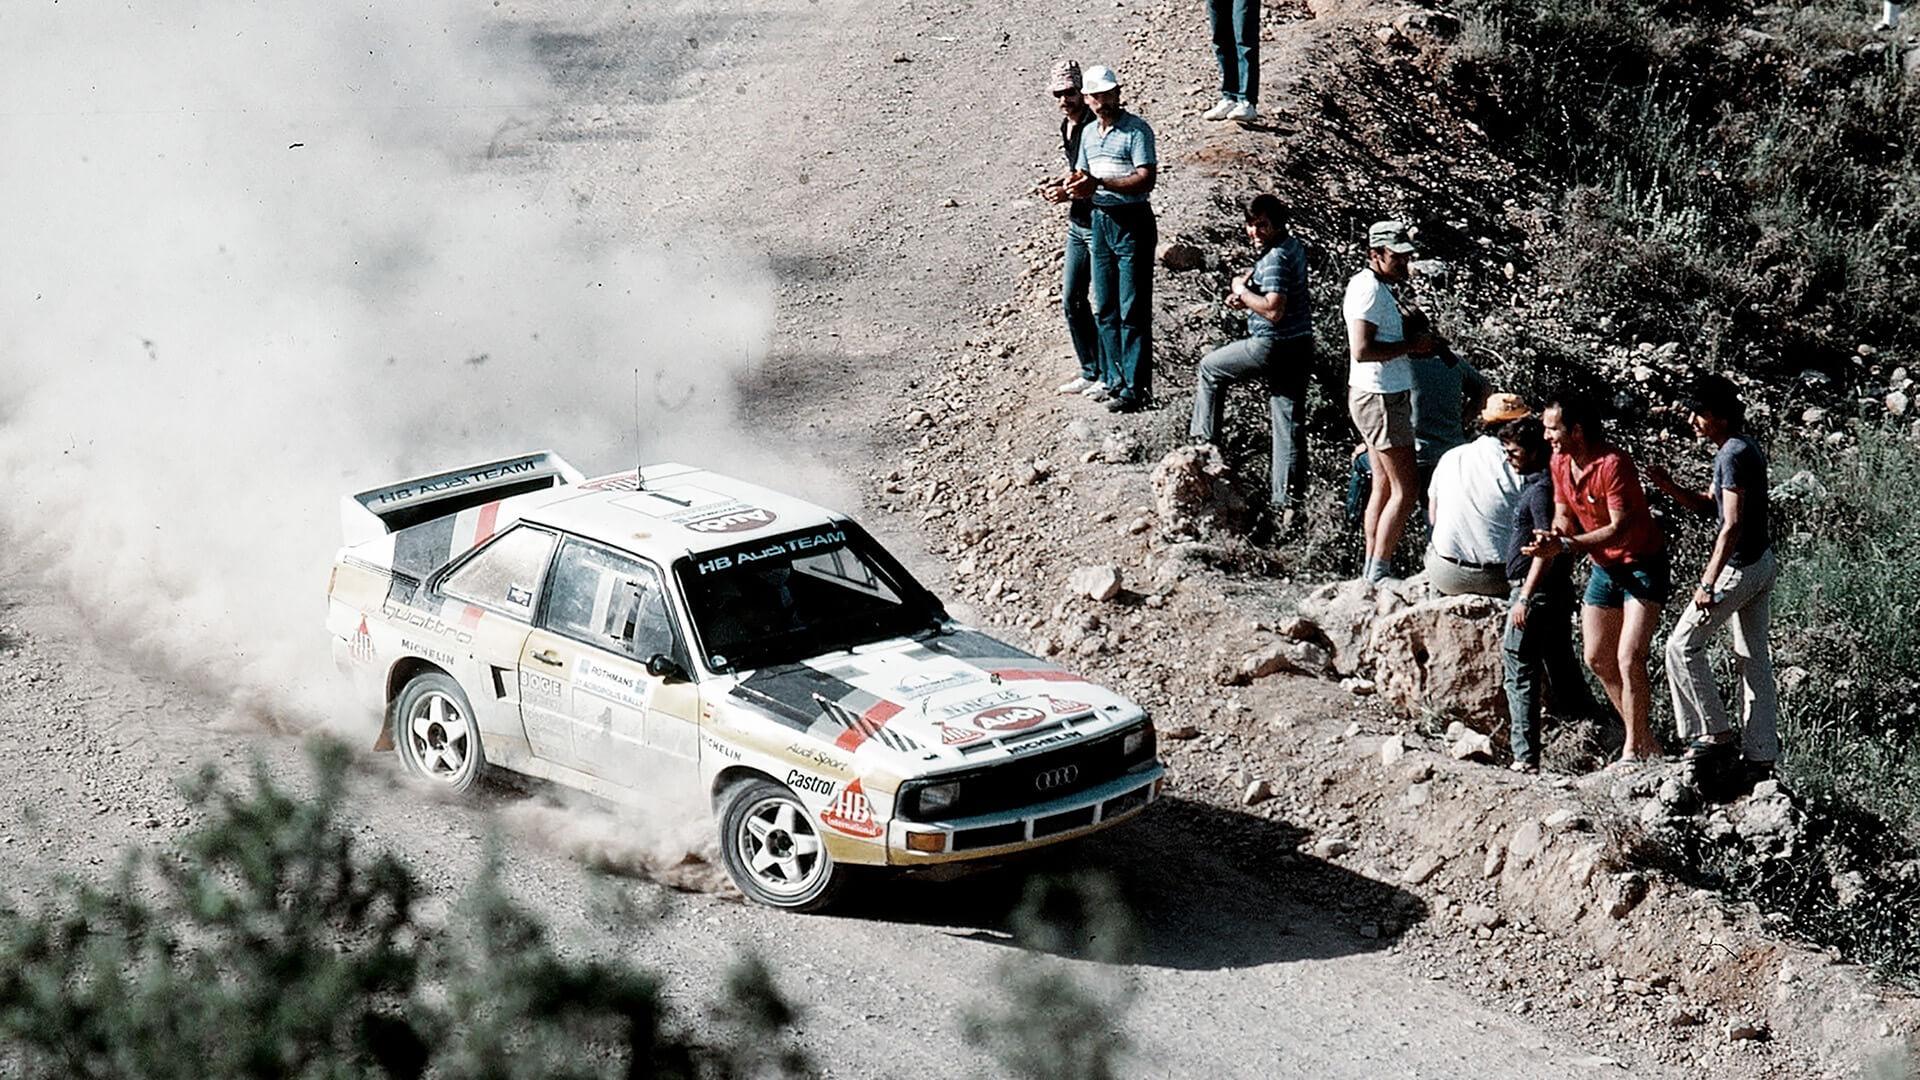 1981, η χρονιά που η Audi μπήκε επίσημα στη σκηνή των ράλι για πρώτη φορά με το quattro